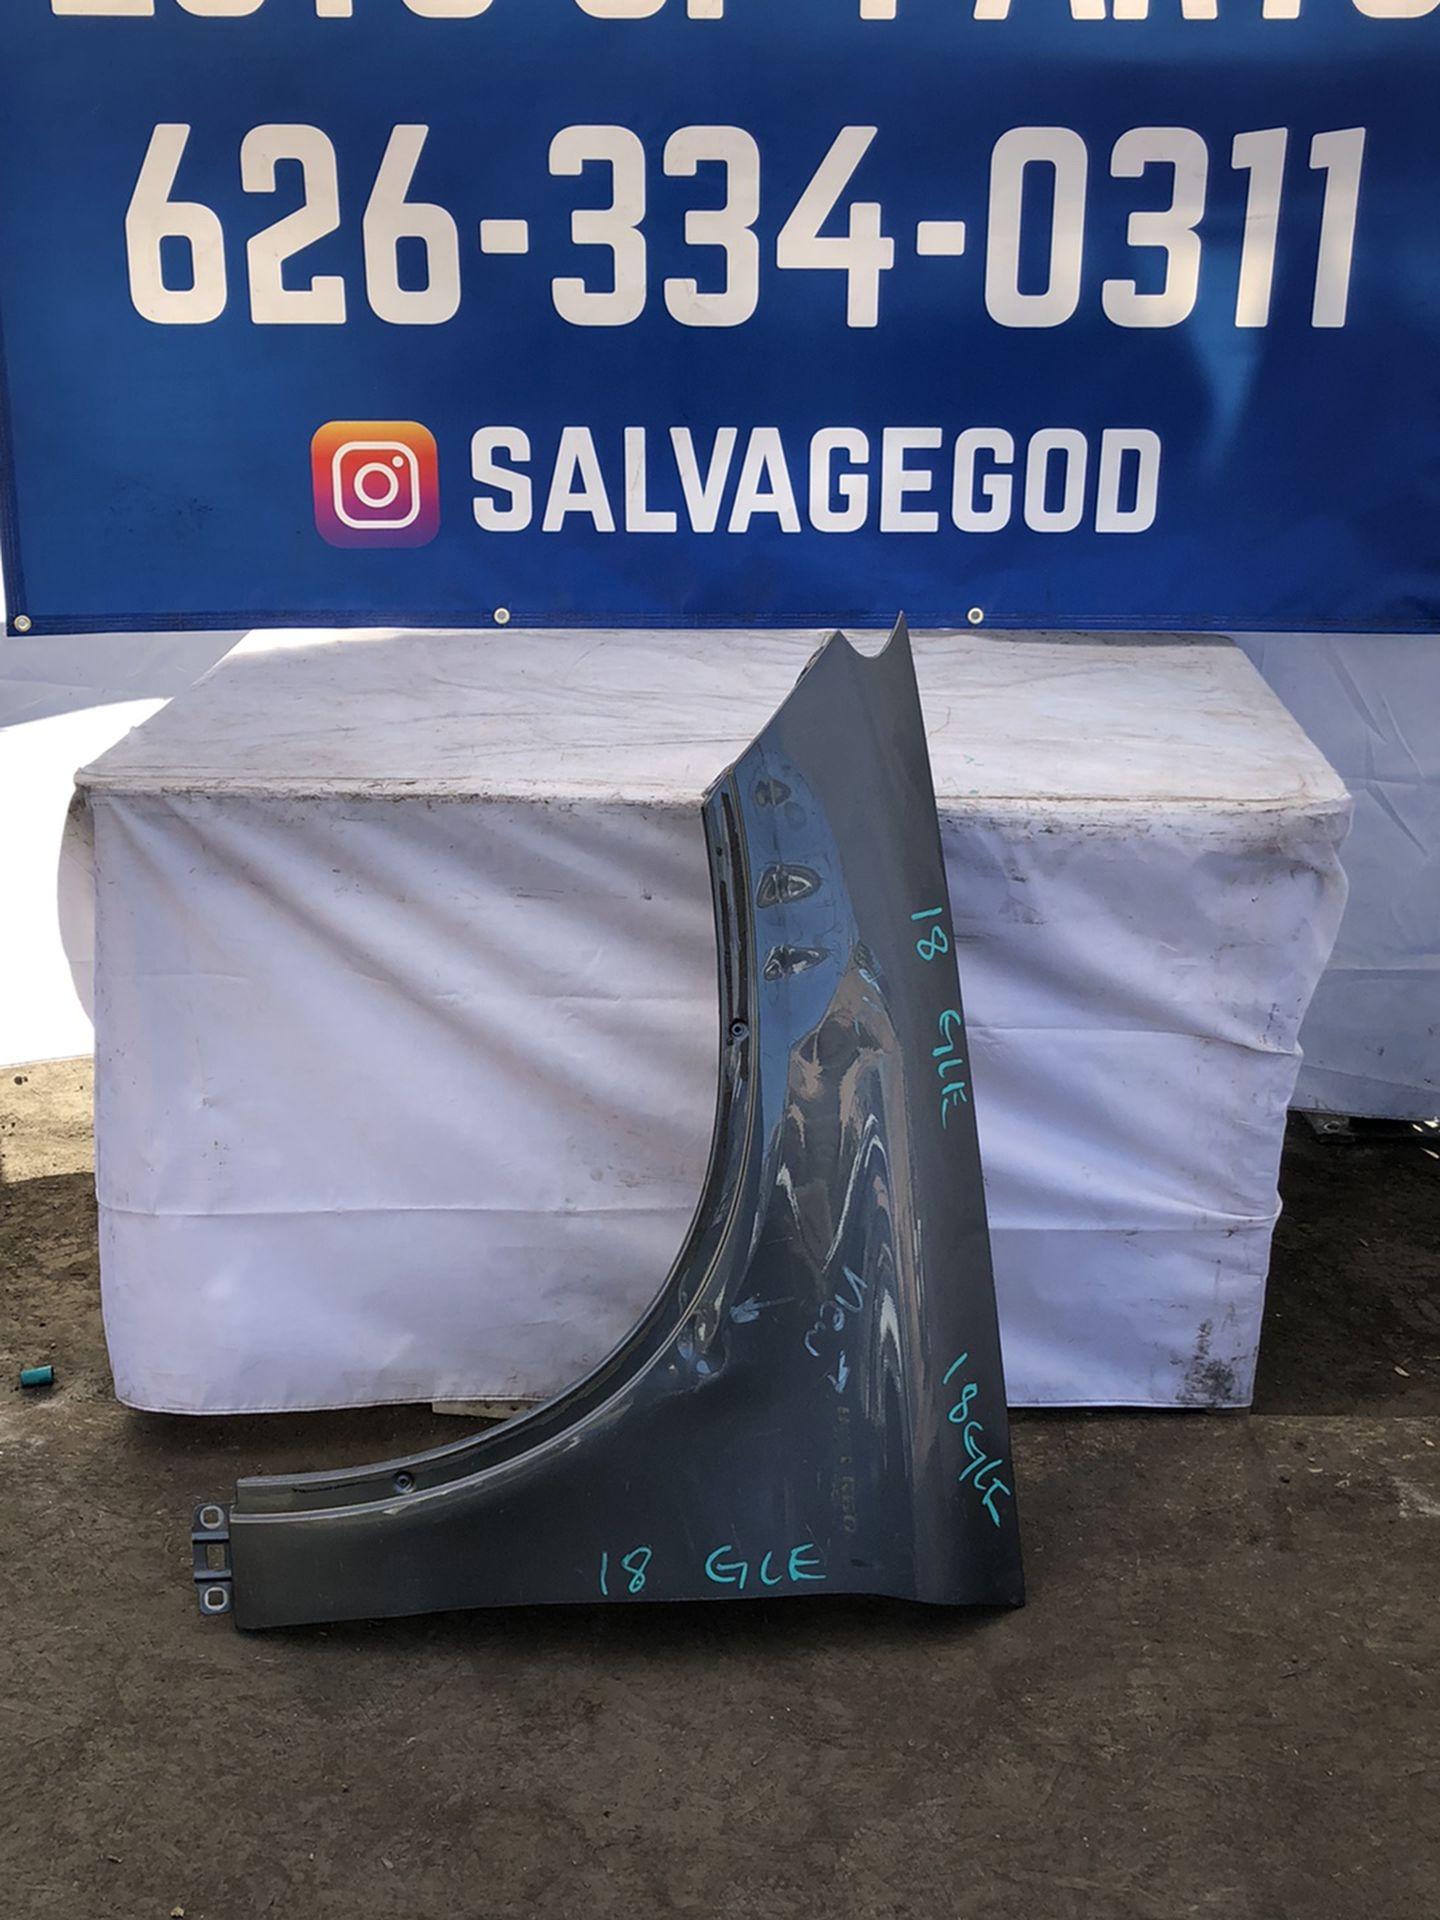 2018 Mercedes Gle Left Fender